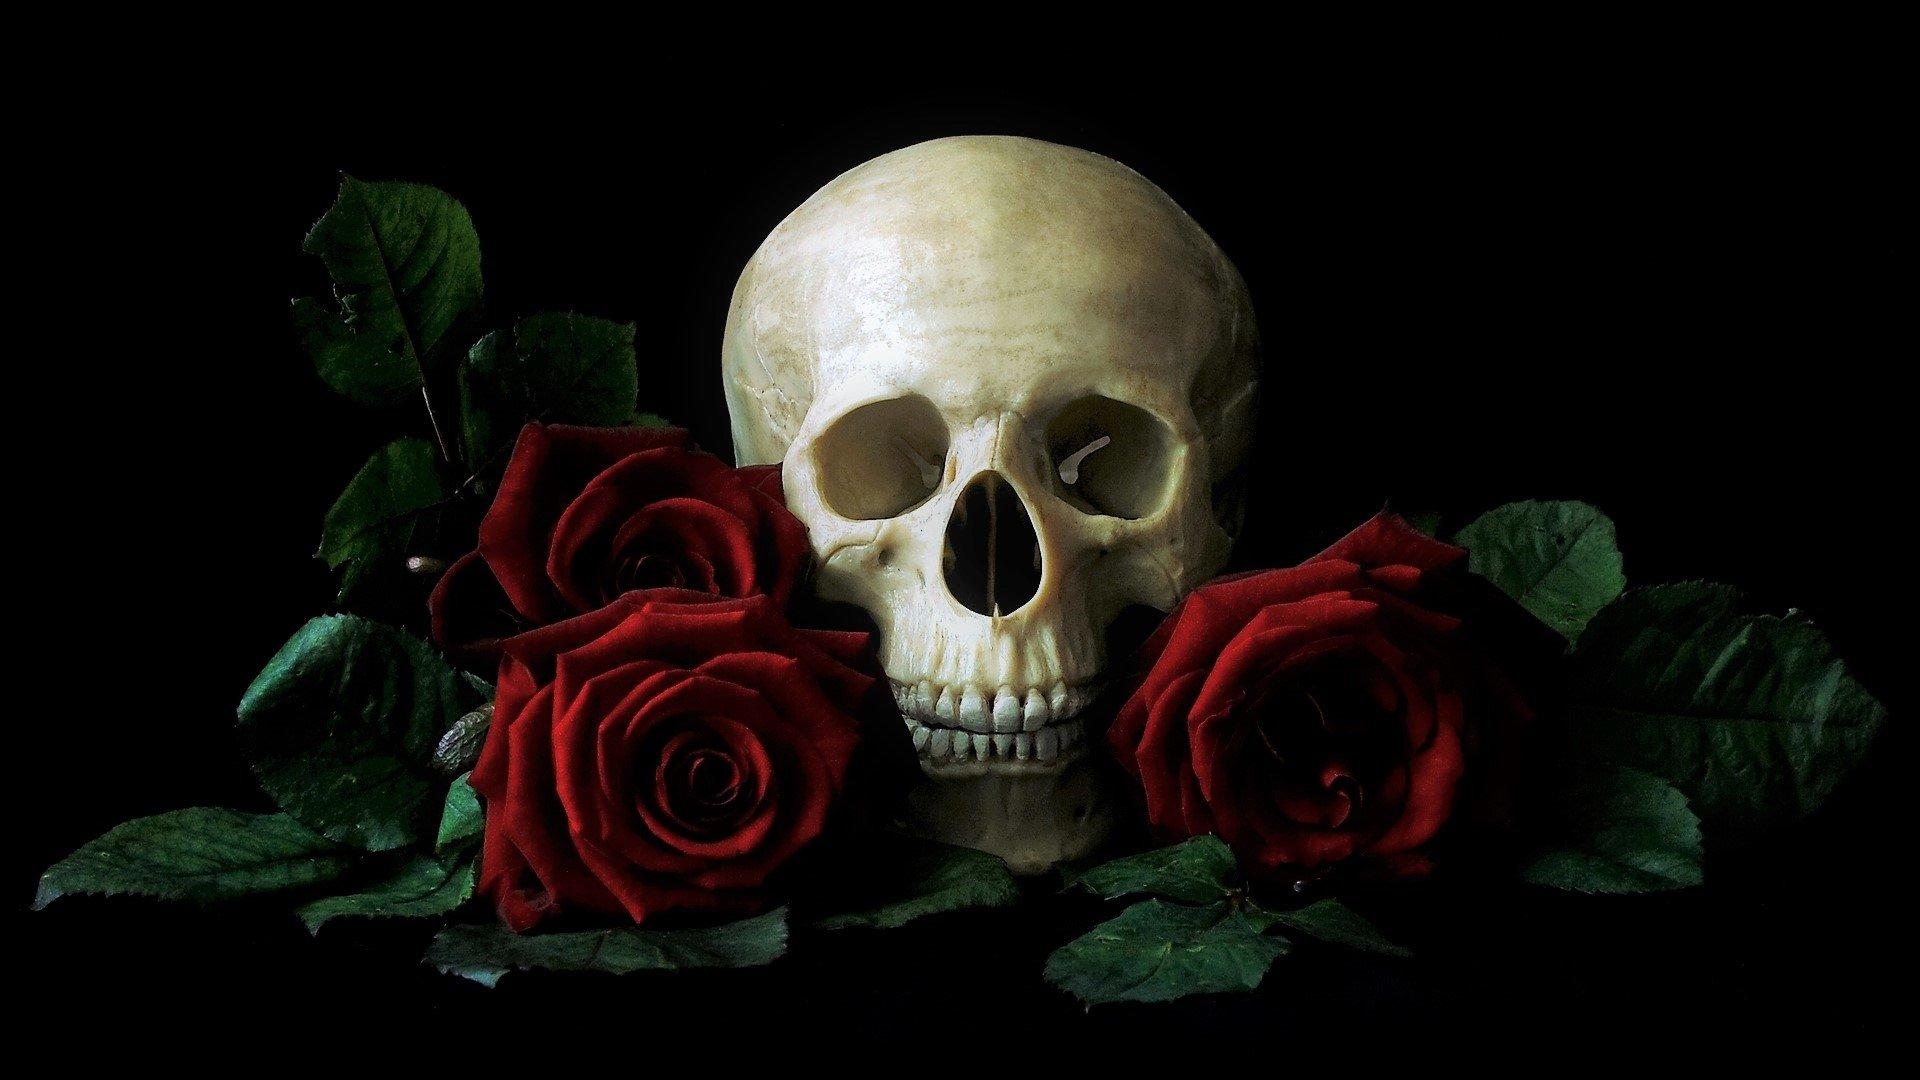 Skull And Roses Fondo De Pantalla Hd Fondo De Escritorio